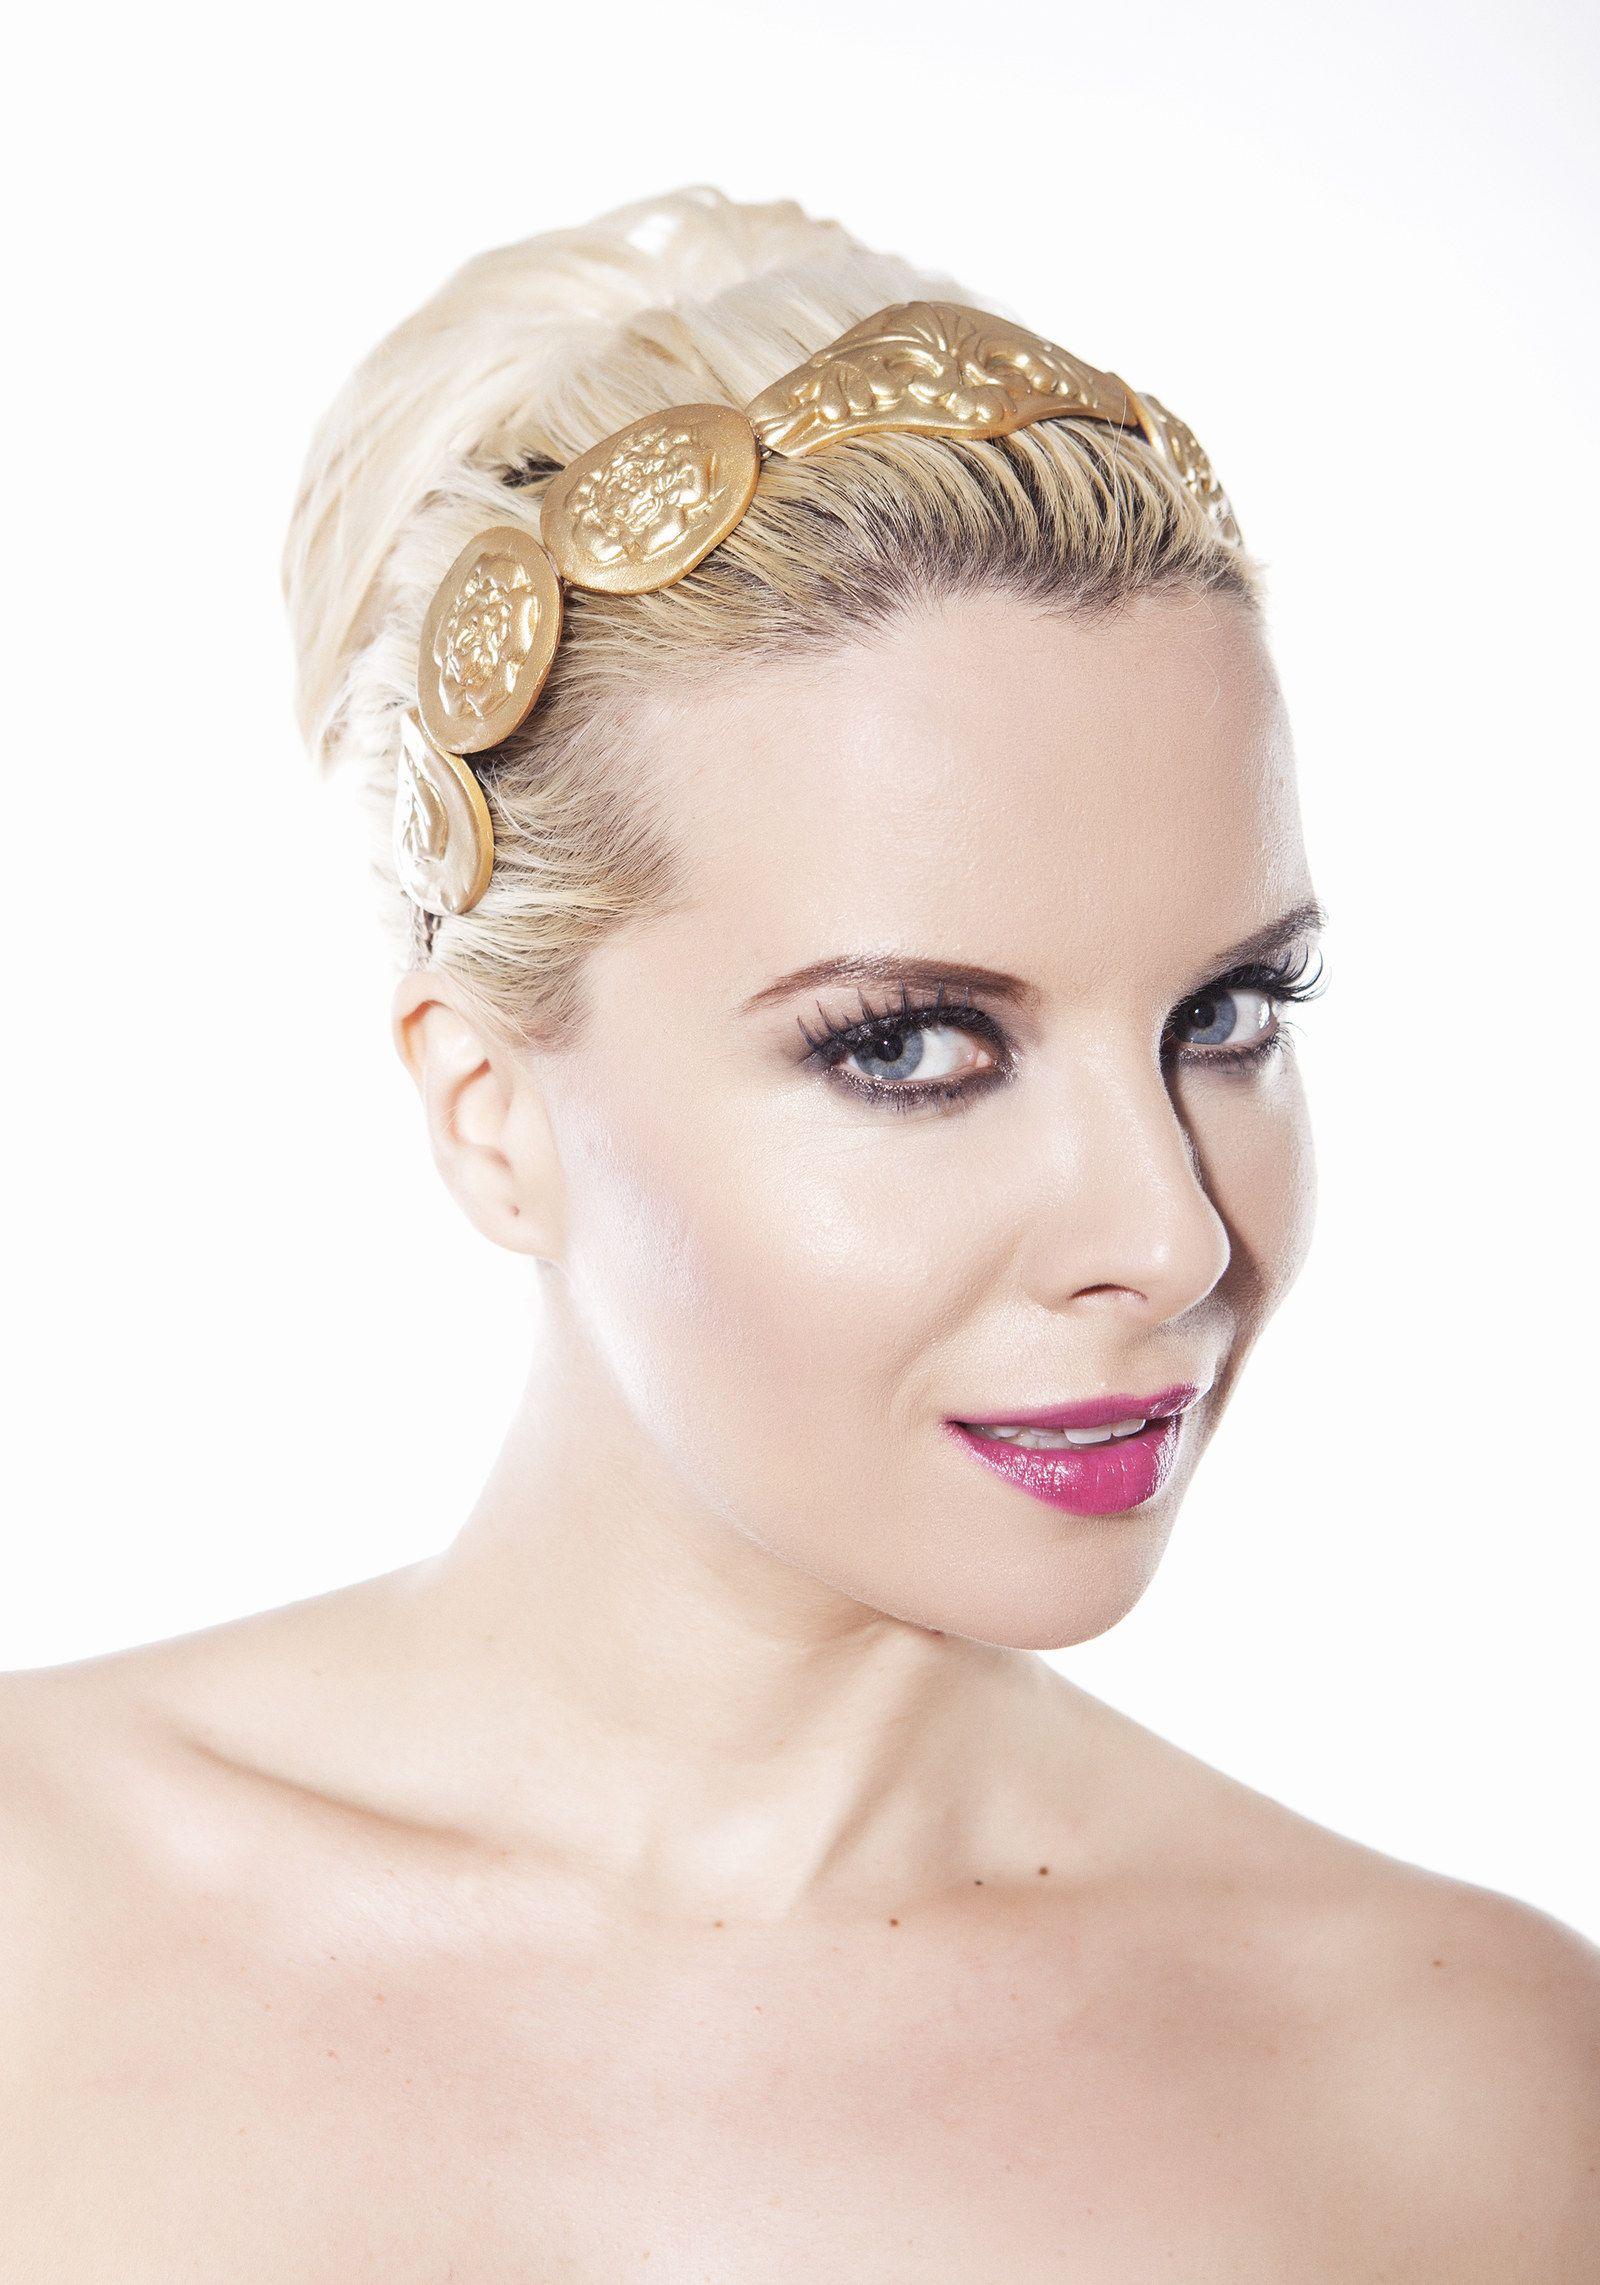 zlatá antická čelenka Zlatá čelenka je originálním kouskem do vašeho  šatníku. Je široká 25mm a dlouhá 37cm. Je zdobena zlatými aplikacemi a  ornamenty z ... babe12d3c7